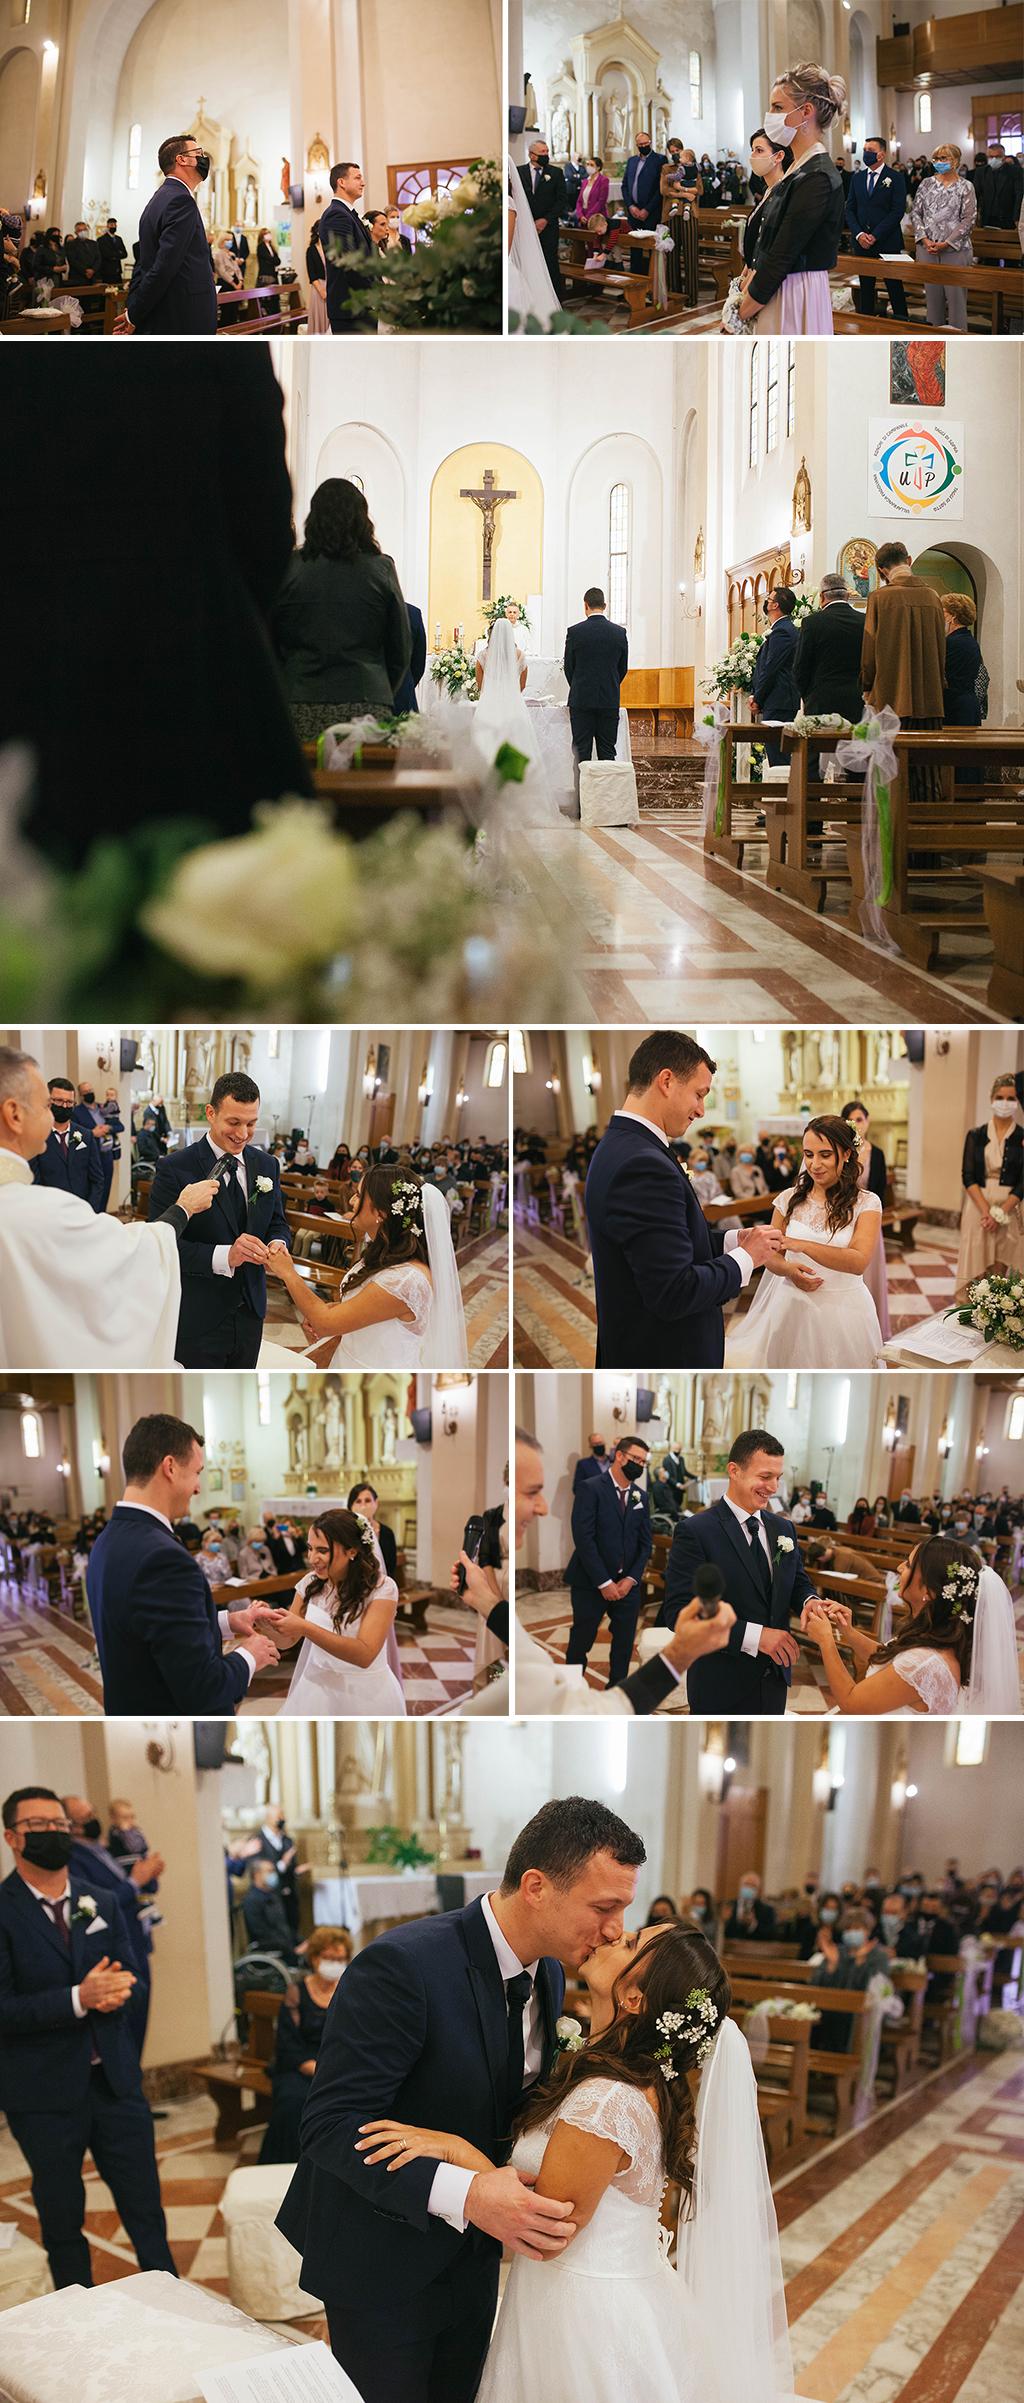 sposarsi nonostante il covide19 si può - matrimonio padova veneto martina e nicola villa liviangior villanova padovana fotografa treviso conegliano venezia - cerimonia cattolica -